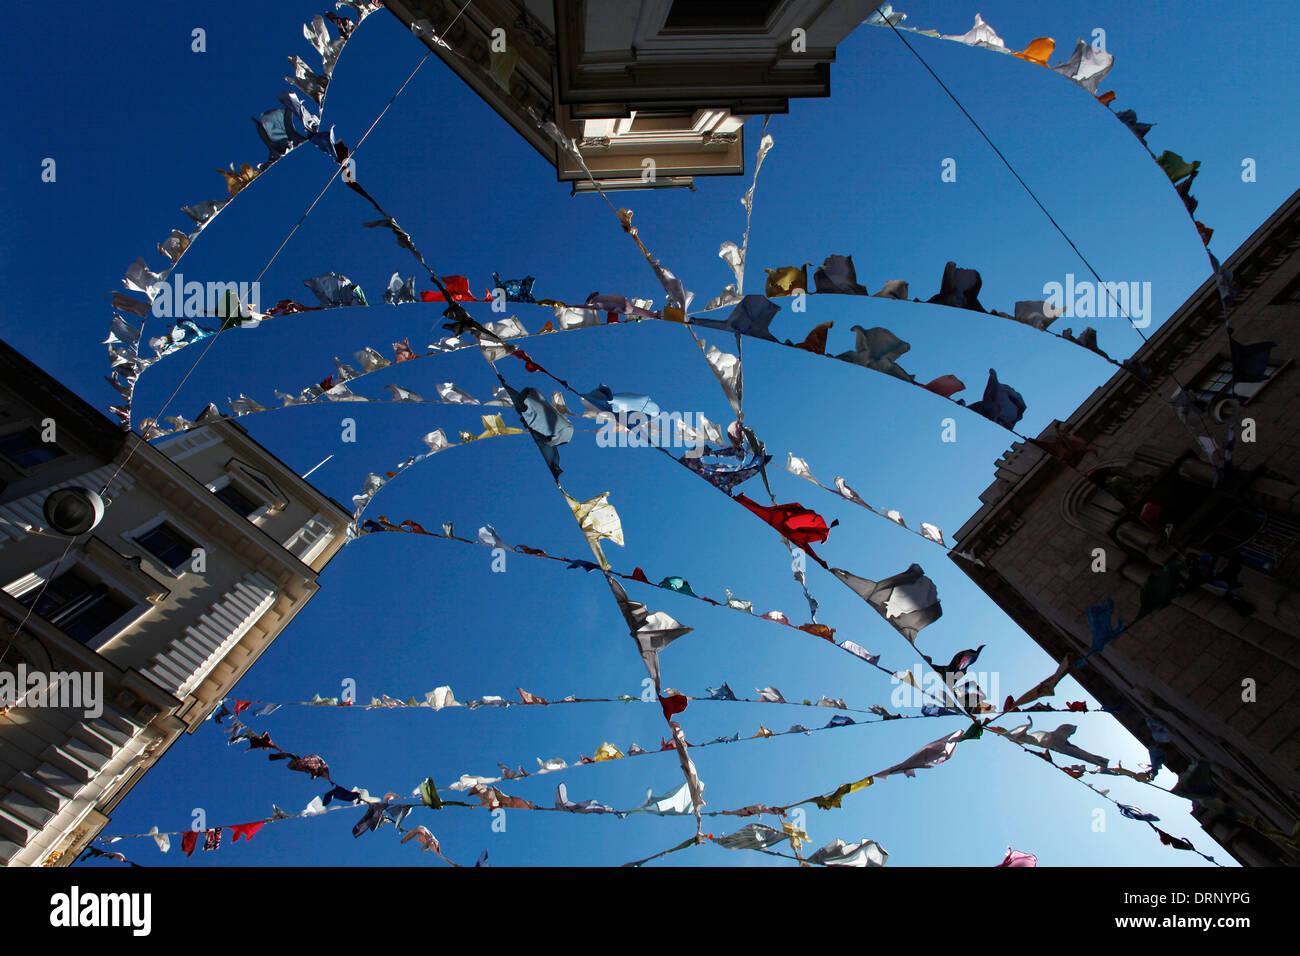 Líneas de ropa colgada entre dos edificios con el cielo azul en el fondo Imagen De Stock